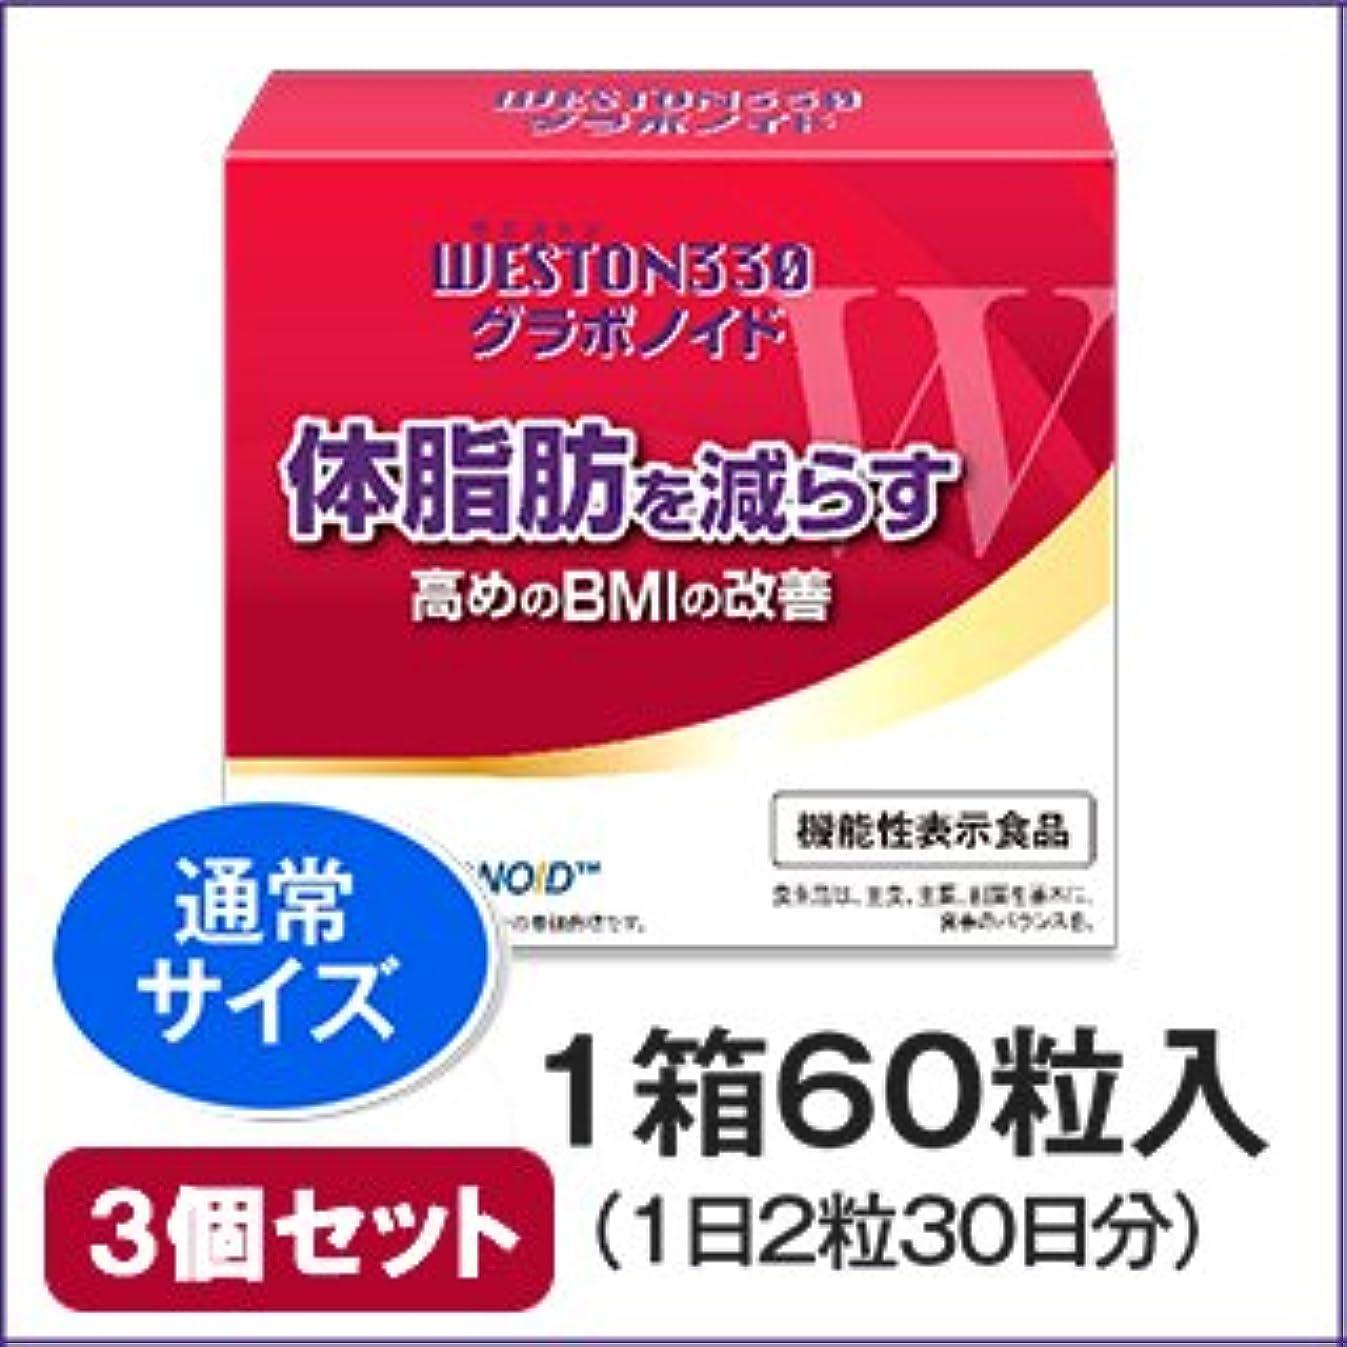 着服虹科学ウエストン330グラボノイド(30日分 1箱60粒入り)×3個セット